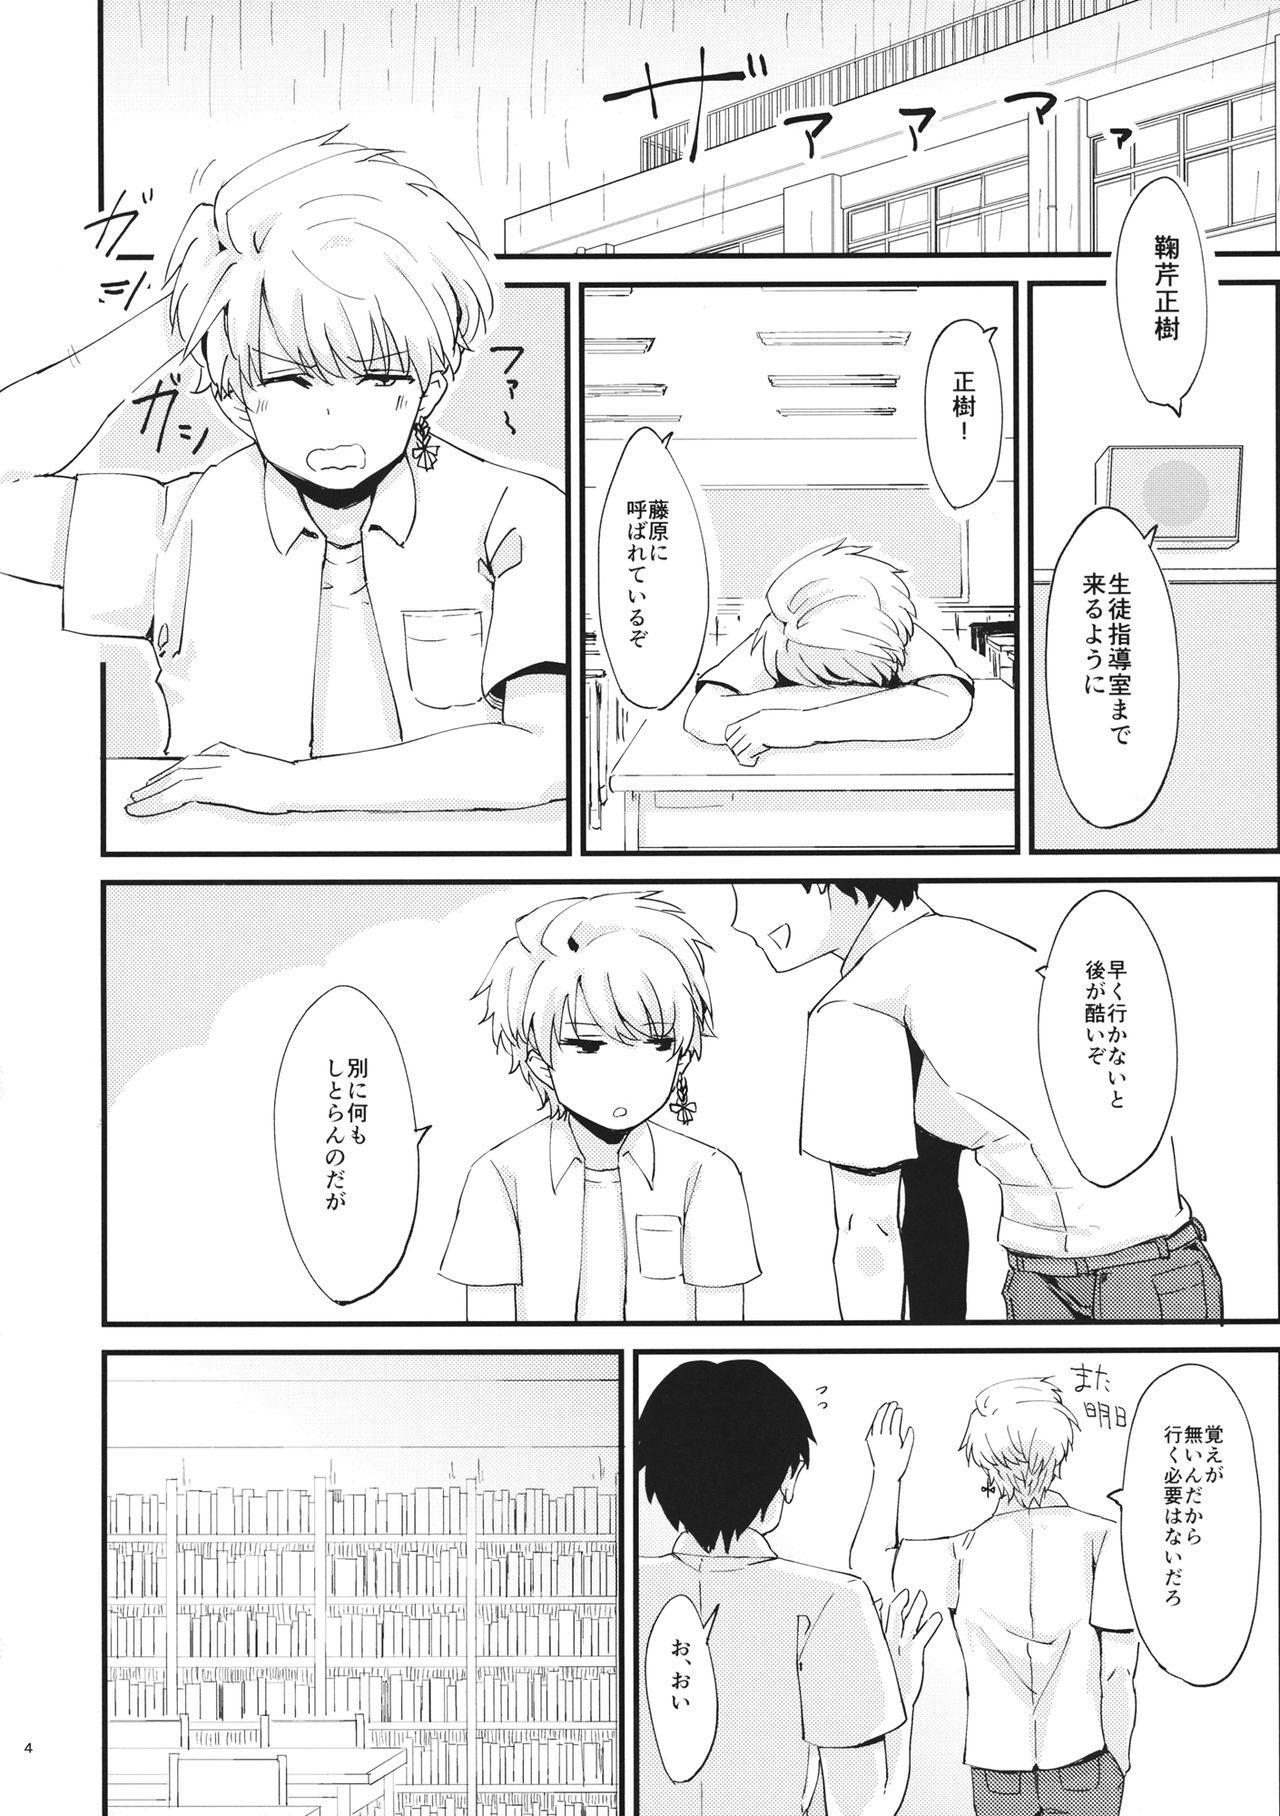 Sekai no Hate de Aishiteiru nante Ienai 4